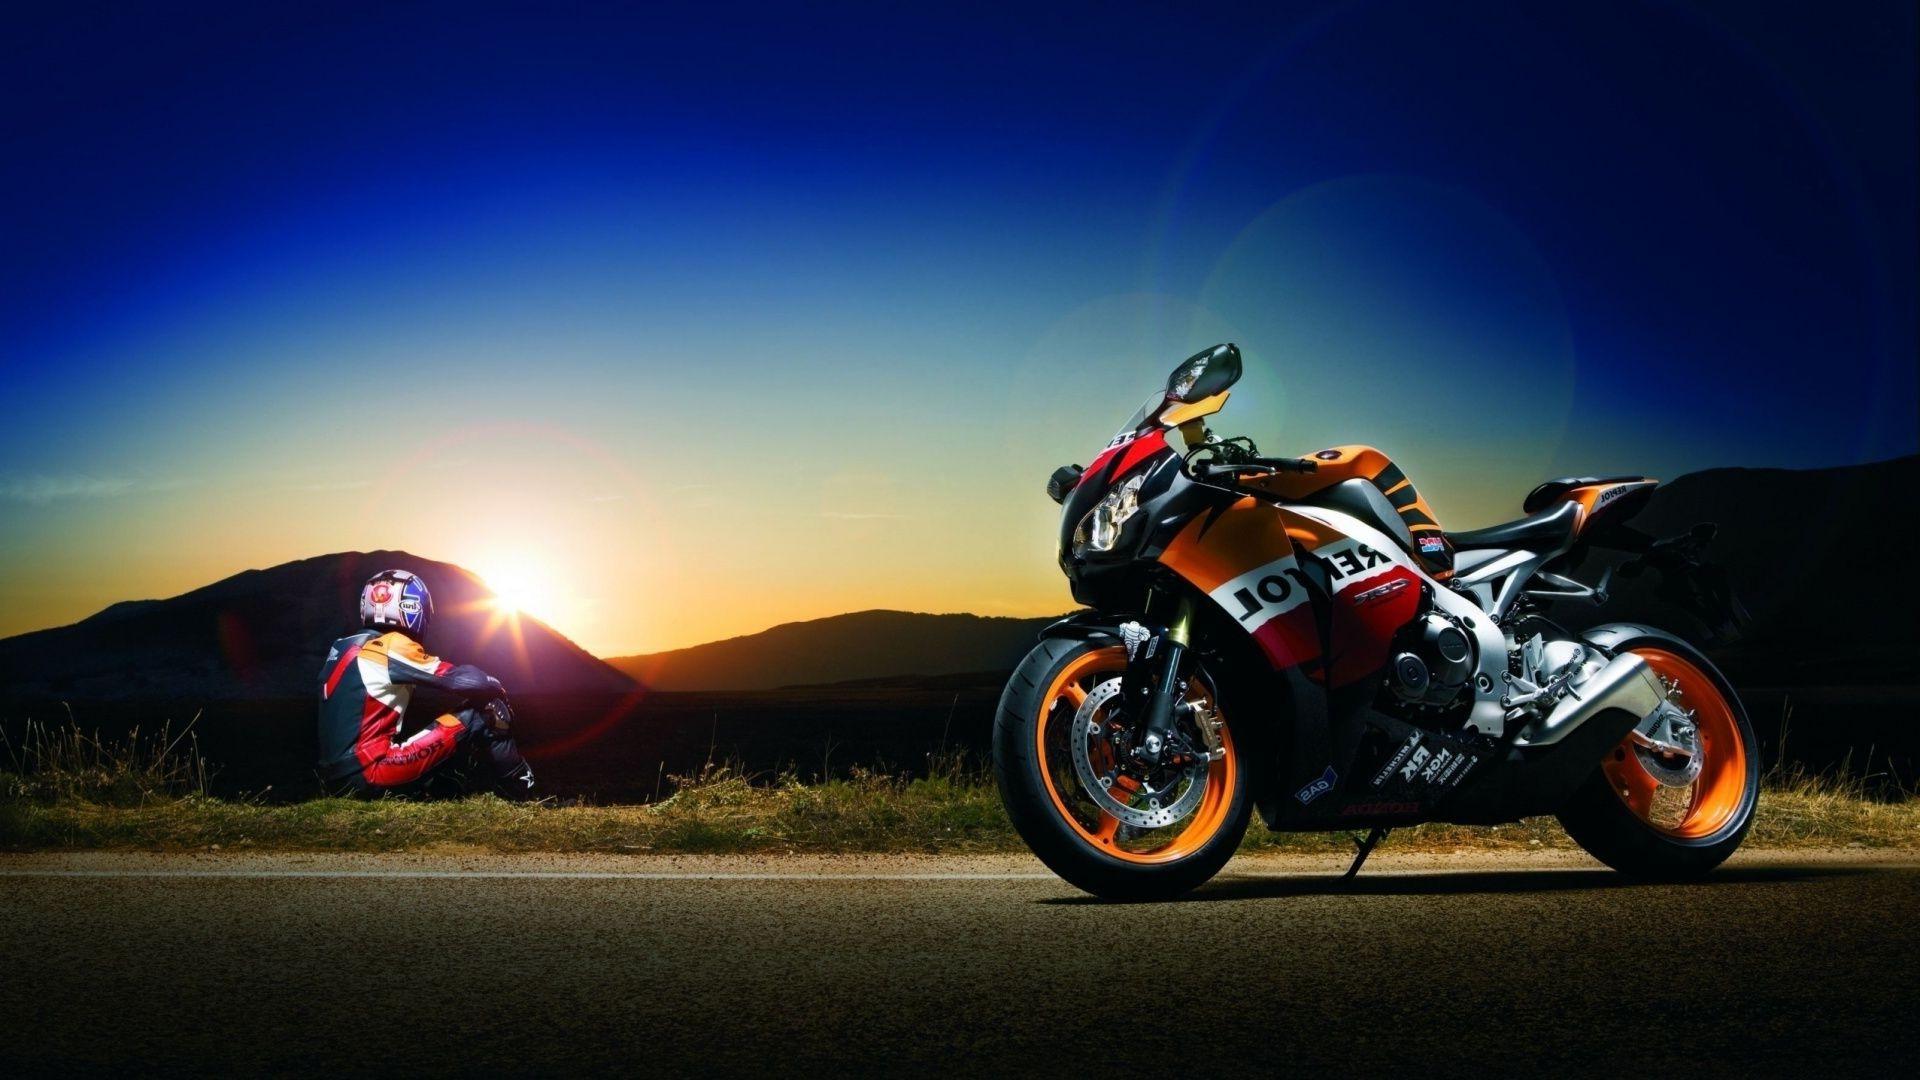 Обои Байк, Мотоцикл. Мотоциклы foto 18